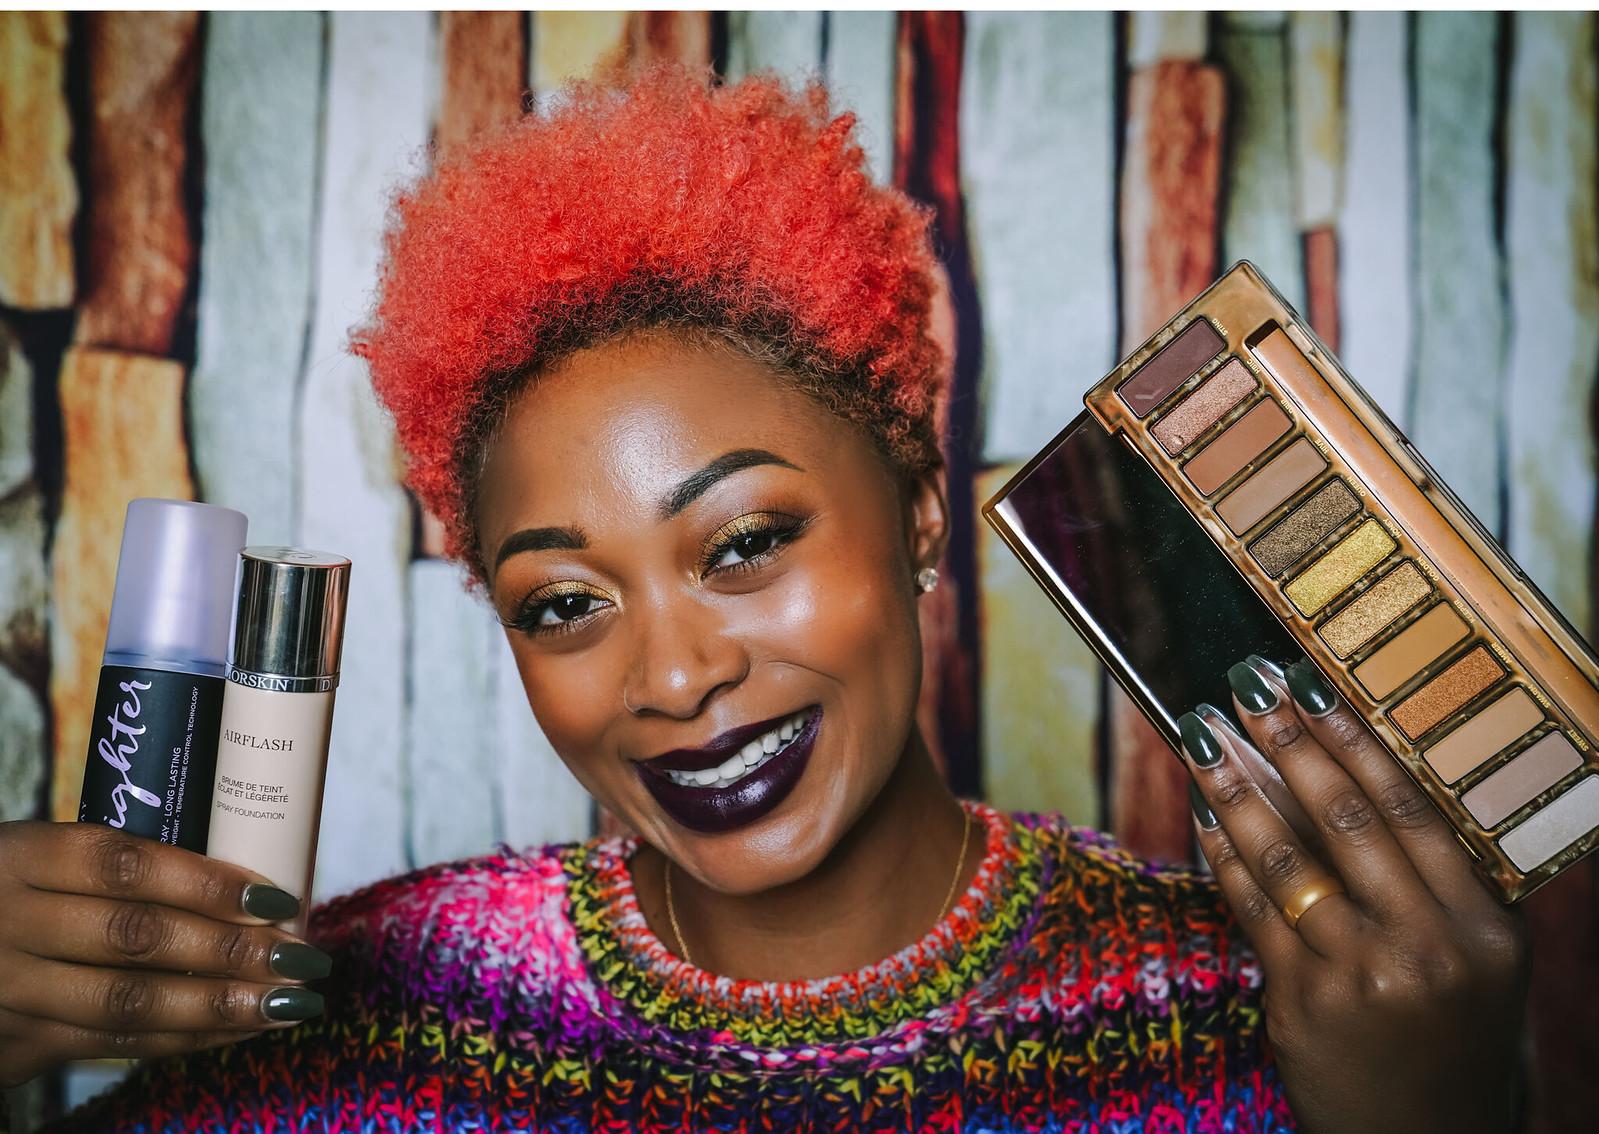 Nordstrom Beauty makeup tutorial